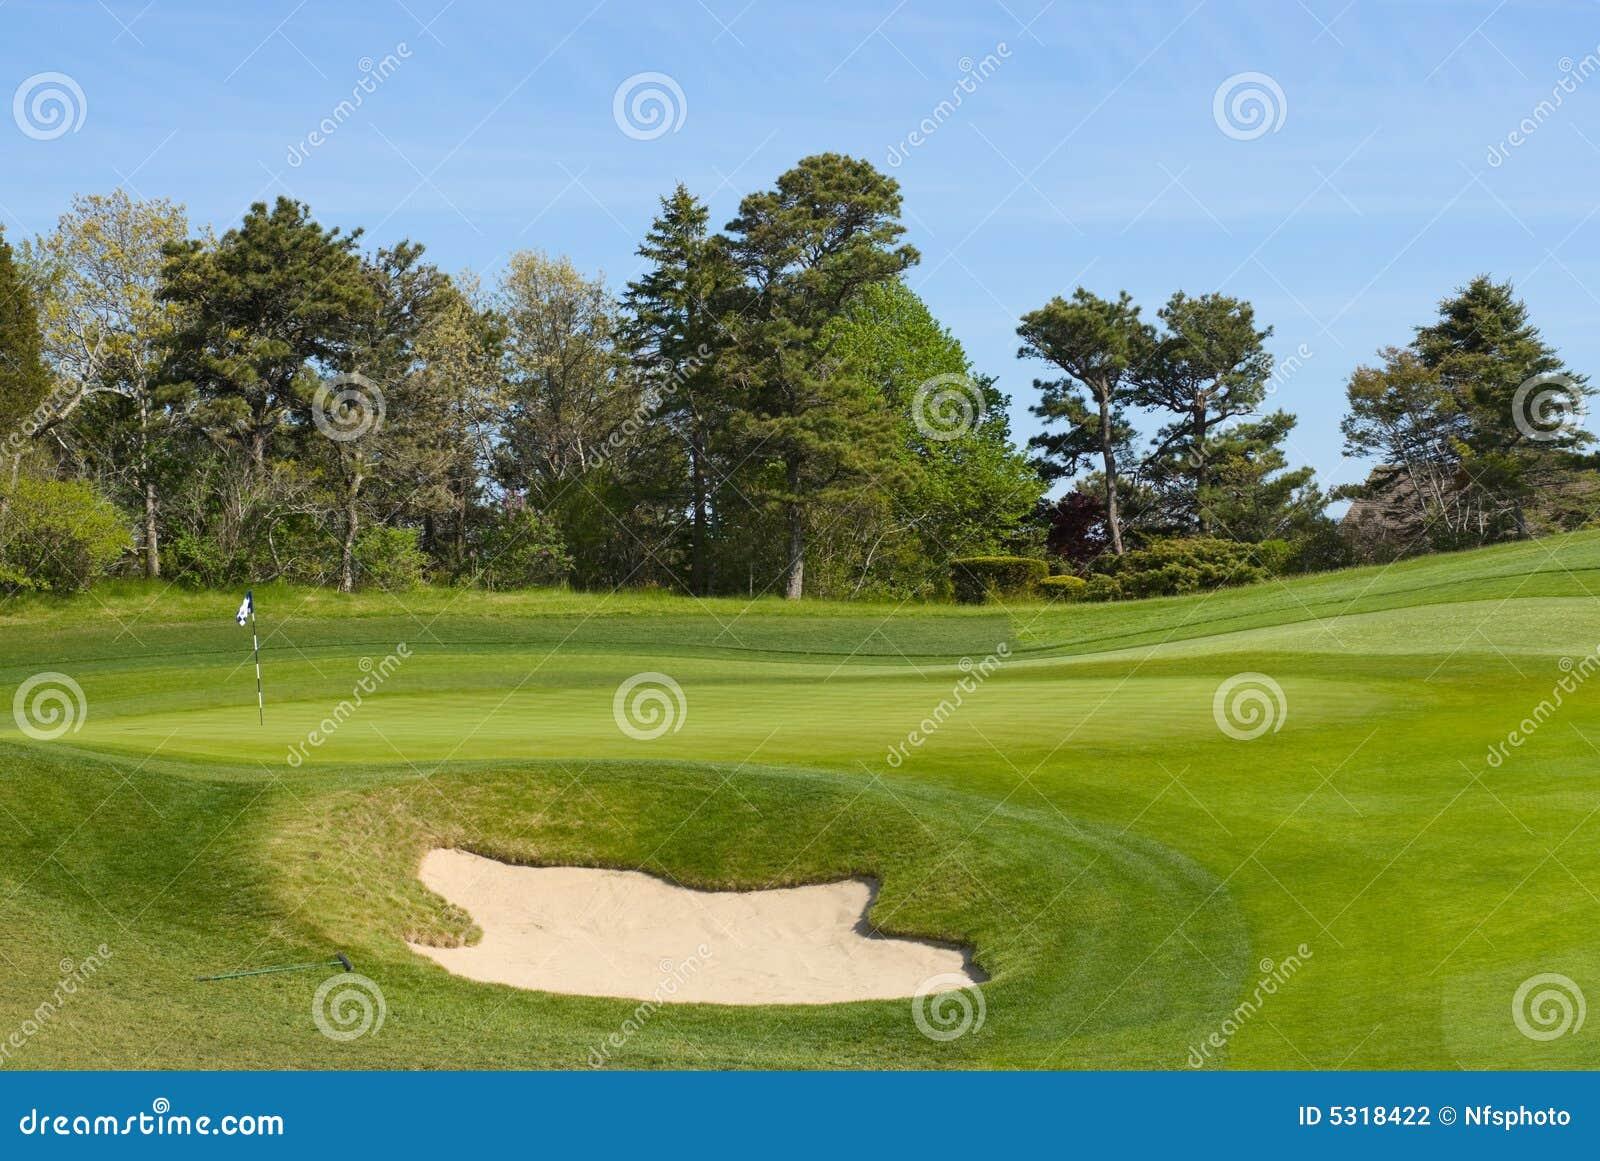 Download Separatore Di Sabbia E Verde Mettente Al Terreno Da Golf Fotografia Stock - Immagine di golf, pino: 5318422